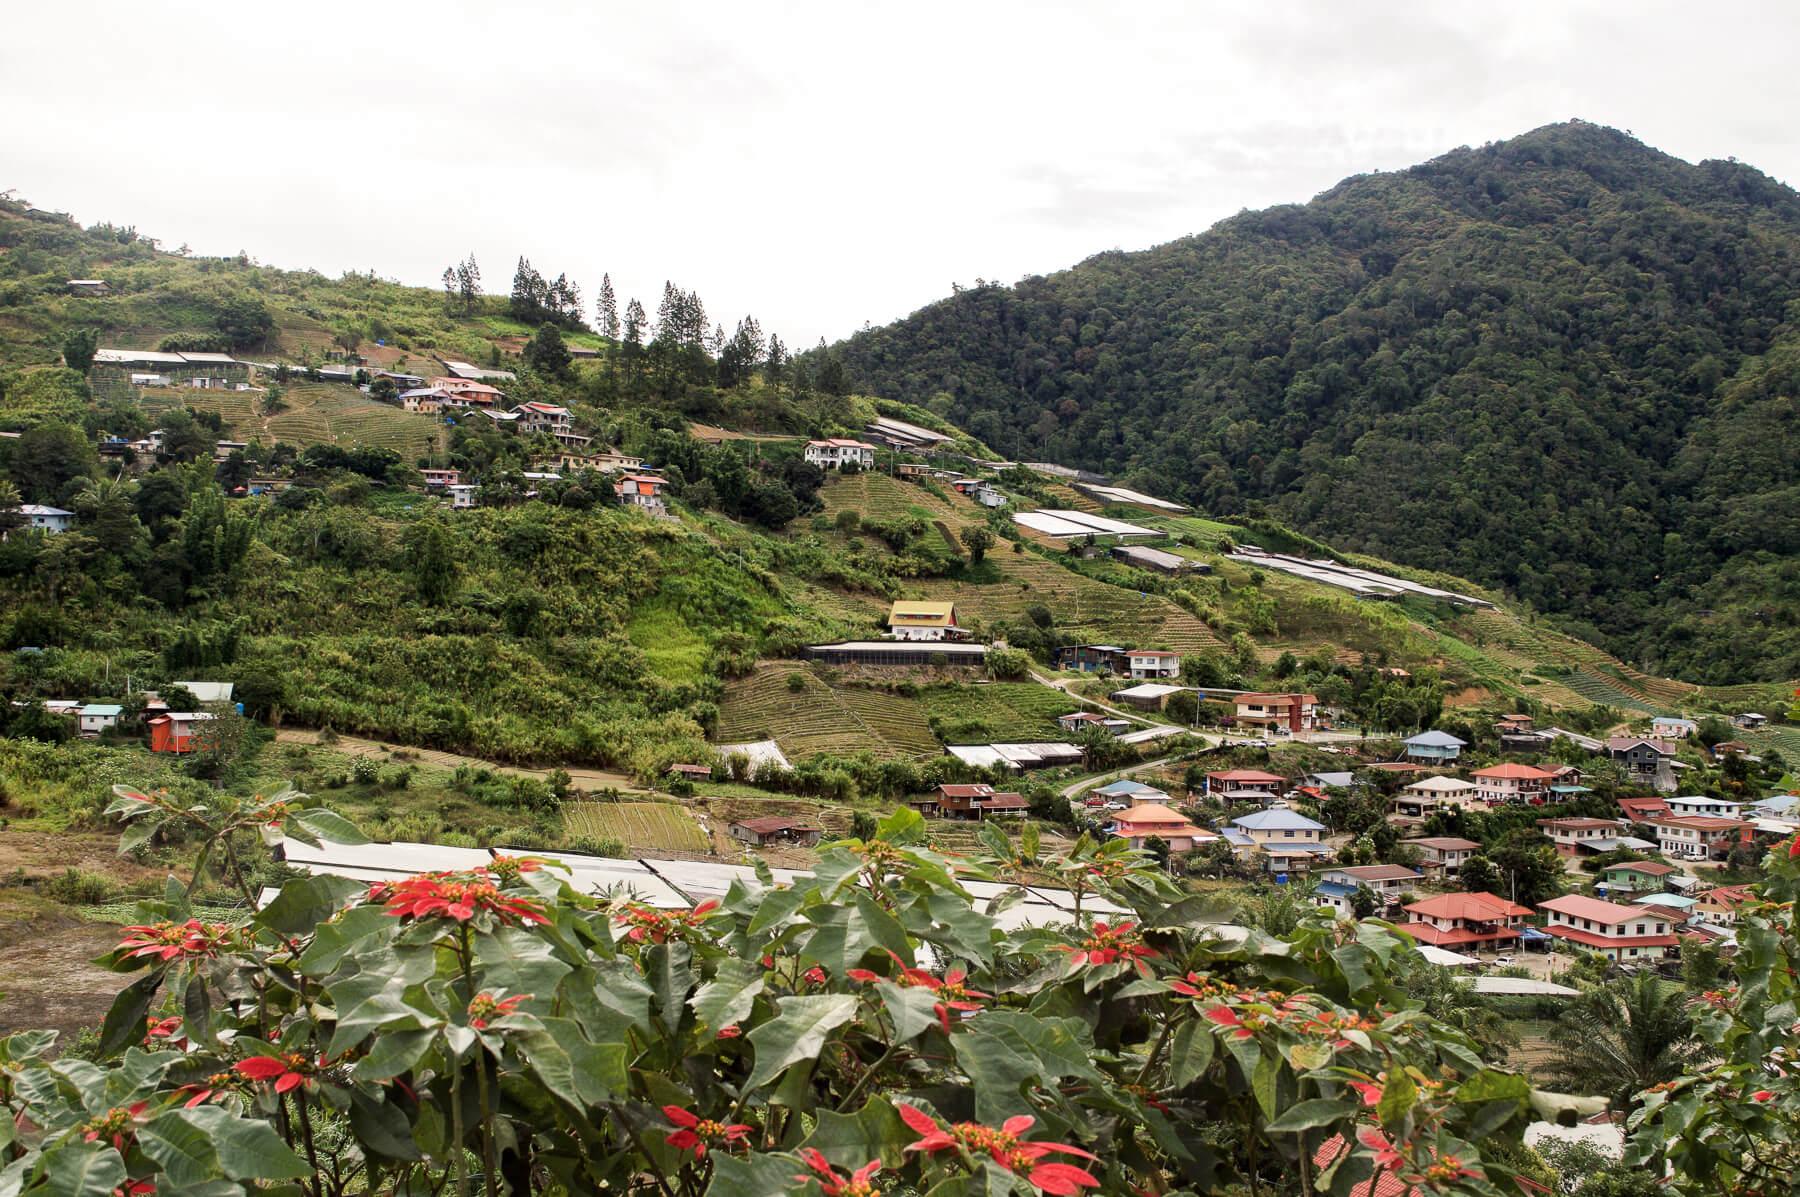 Colourful village on a hillside in Borneo